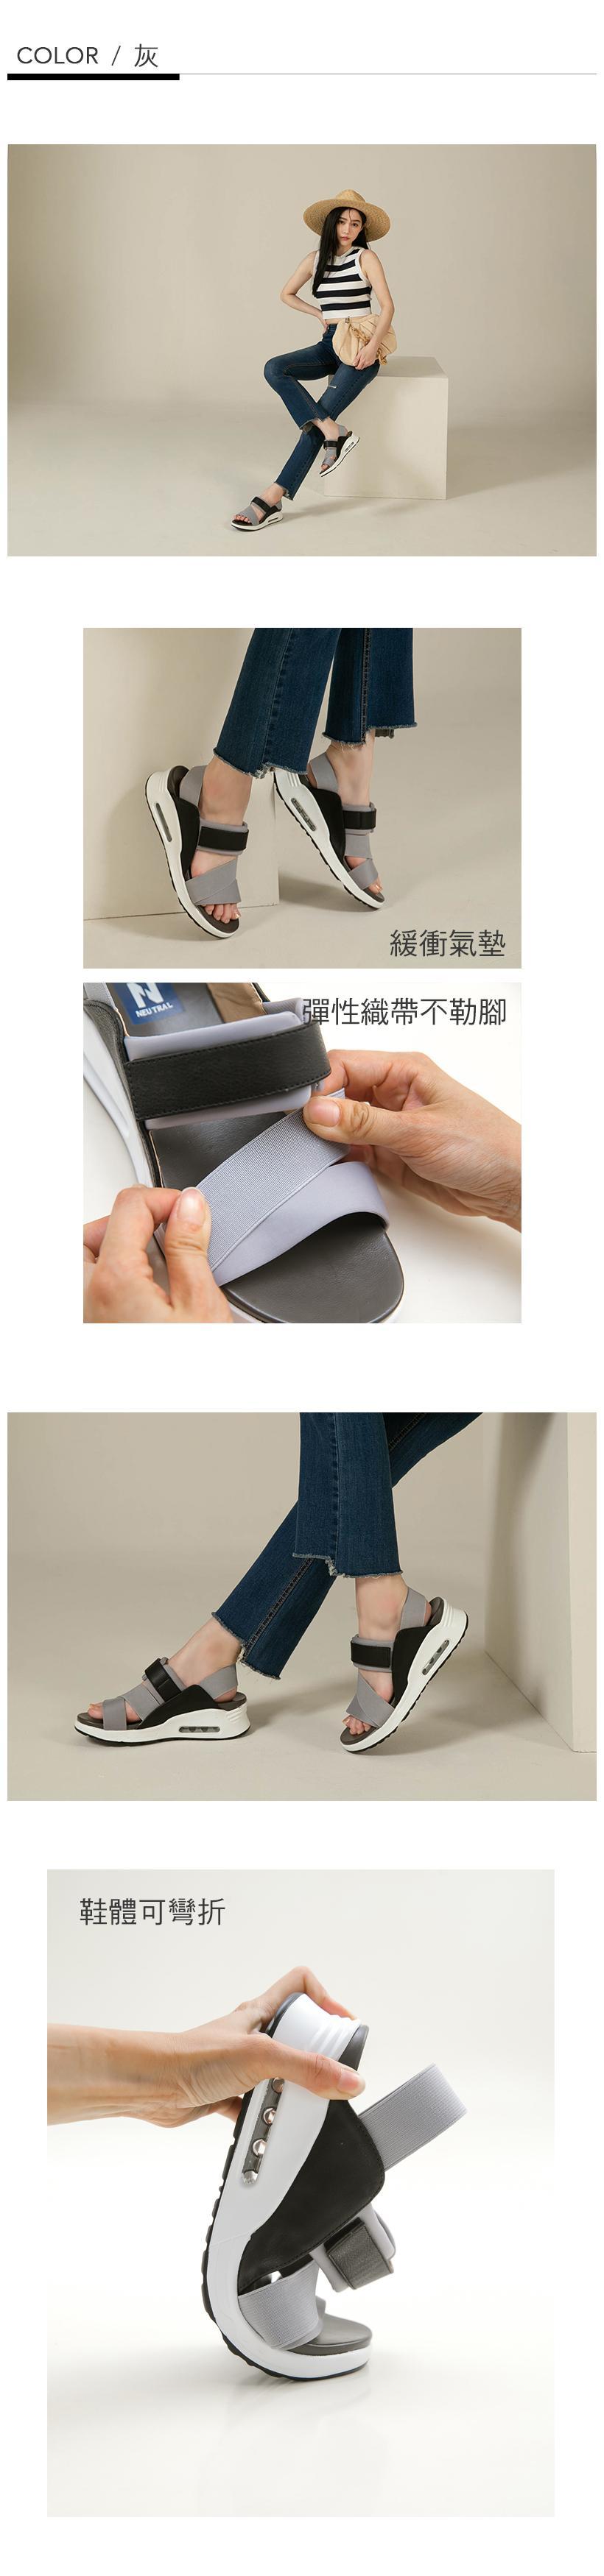 NeuTral 鬆緊織帶氣墊涼鞋